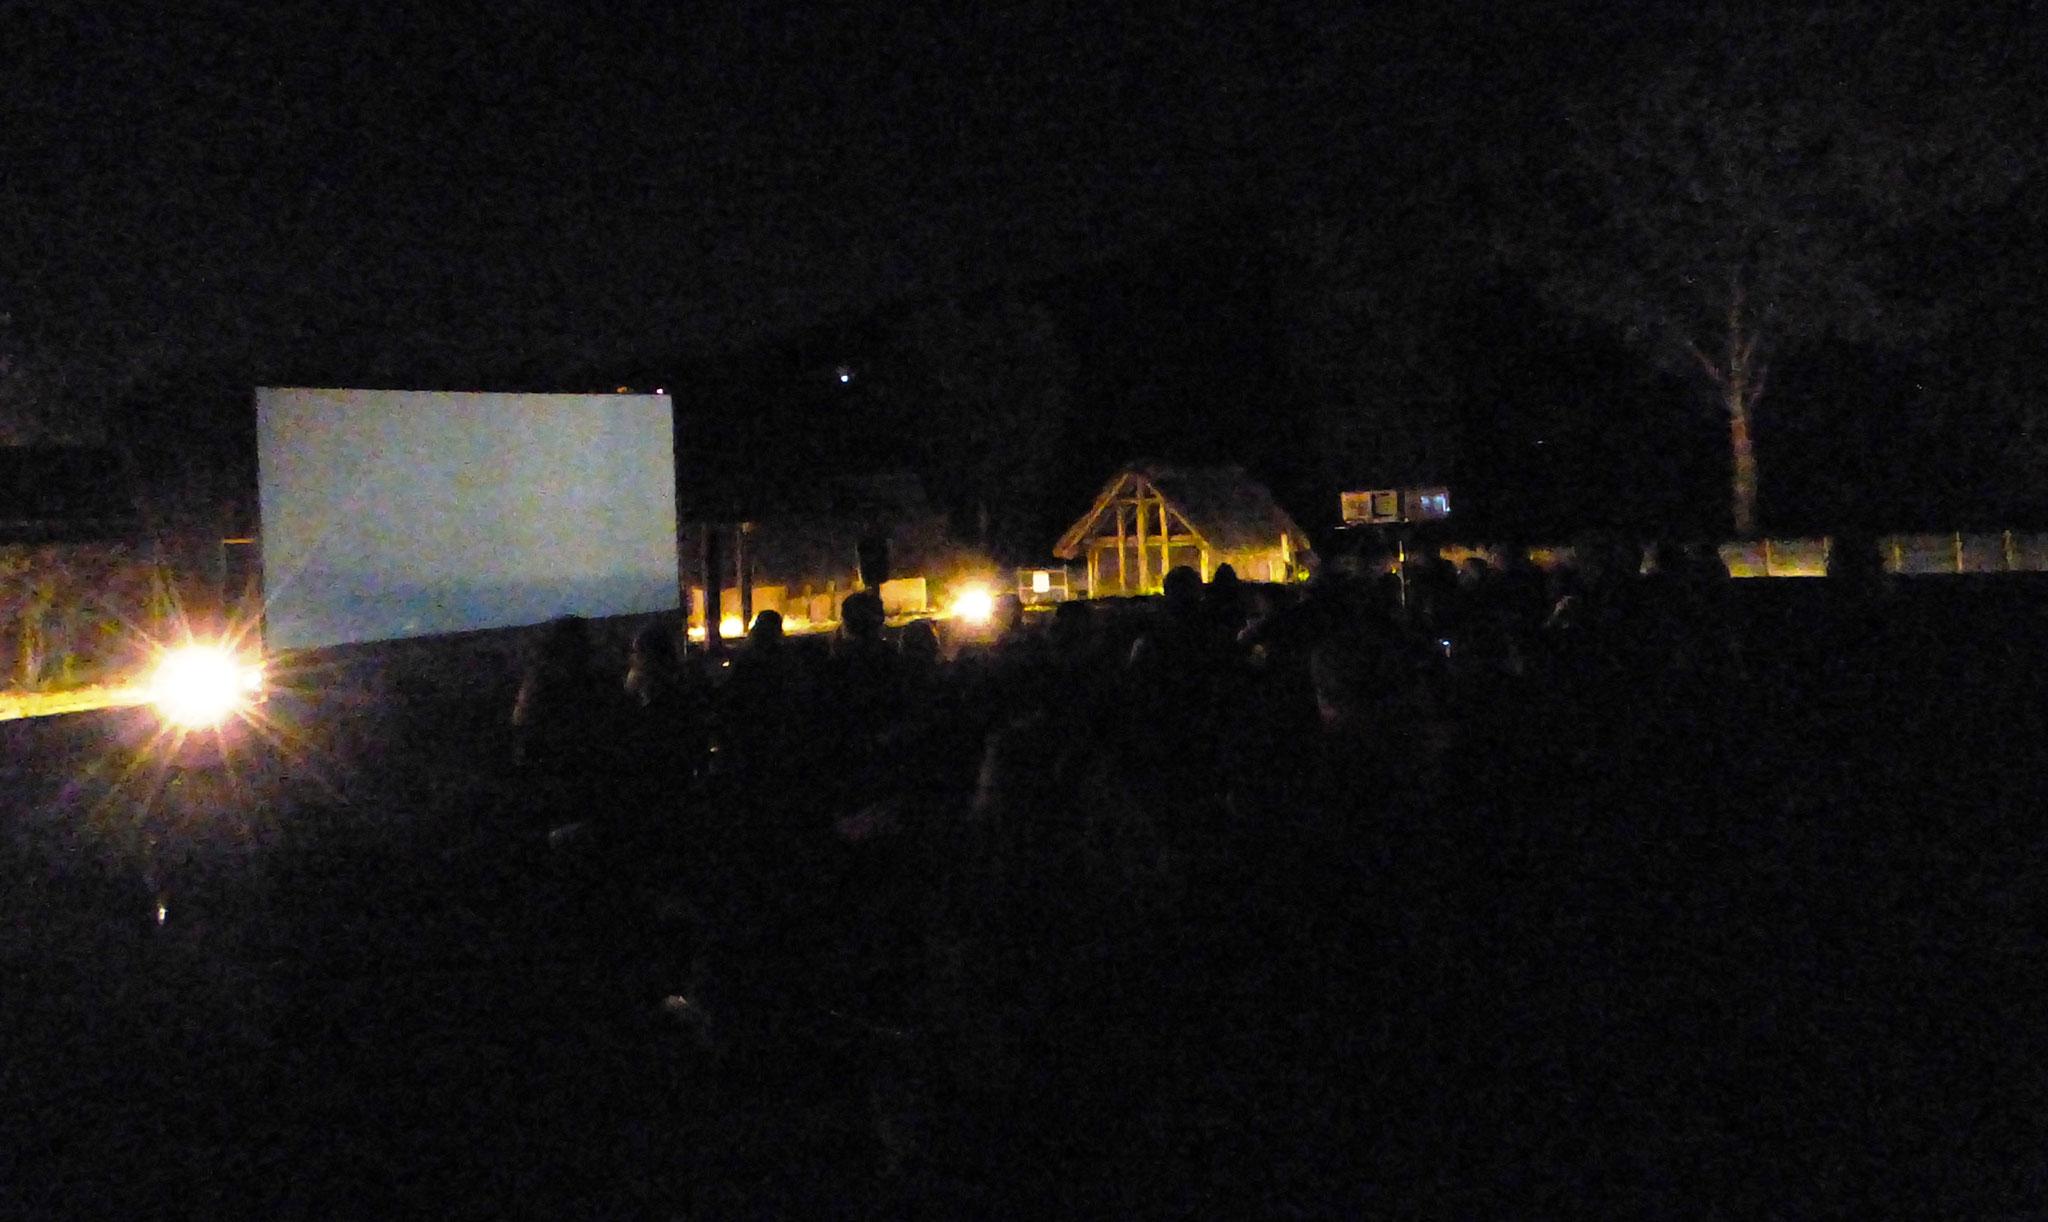 cinema sotto le stelle - parco archeologico di Travo 23 agosto